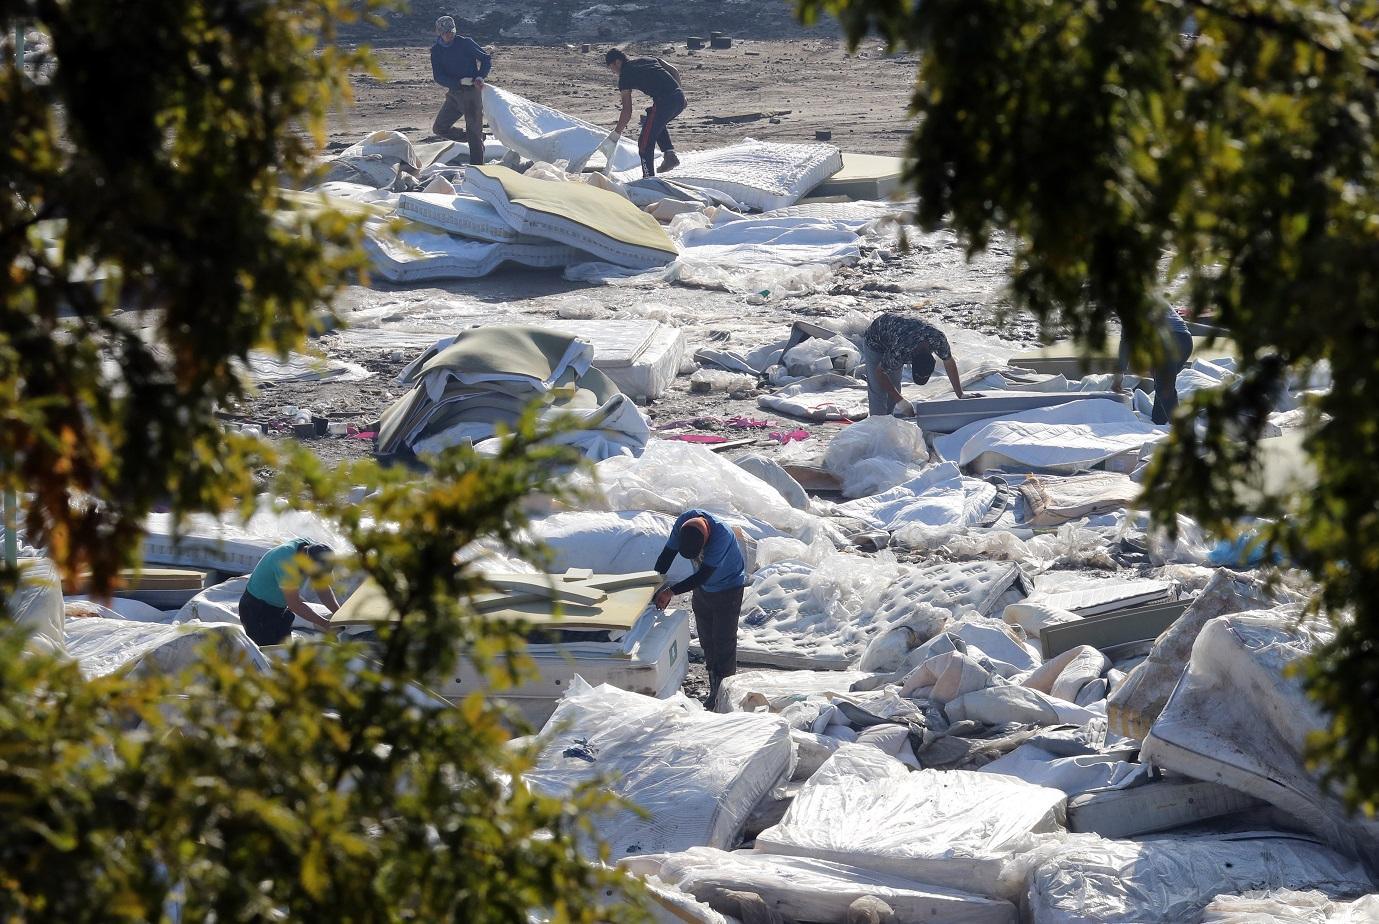 (사진=뉴시스, 지난 25일 충남 천안 대진침대 본사에서 이뤄진 라돈침대 해체 작업 중인 모습)